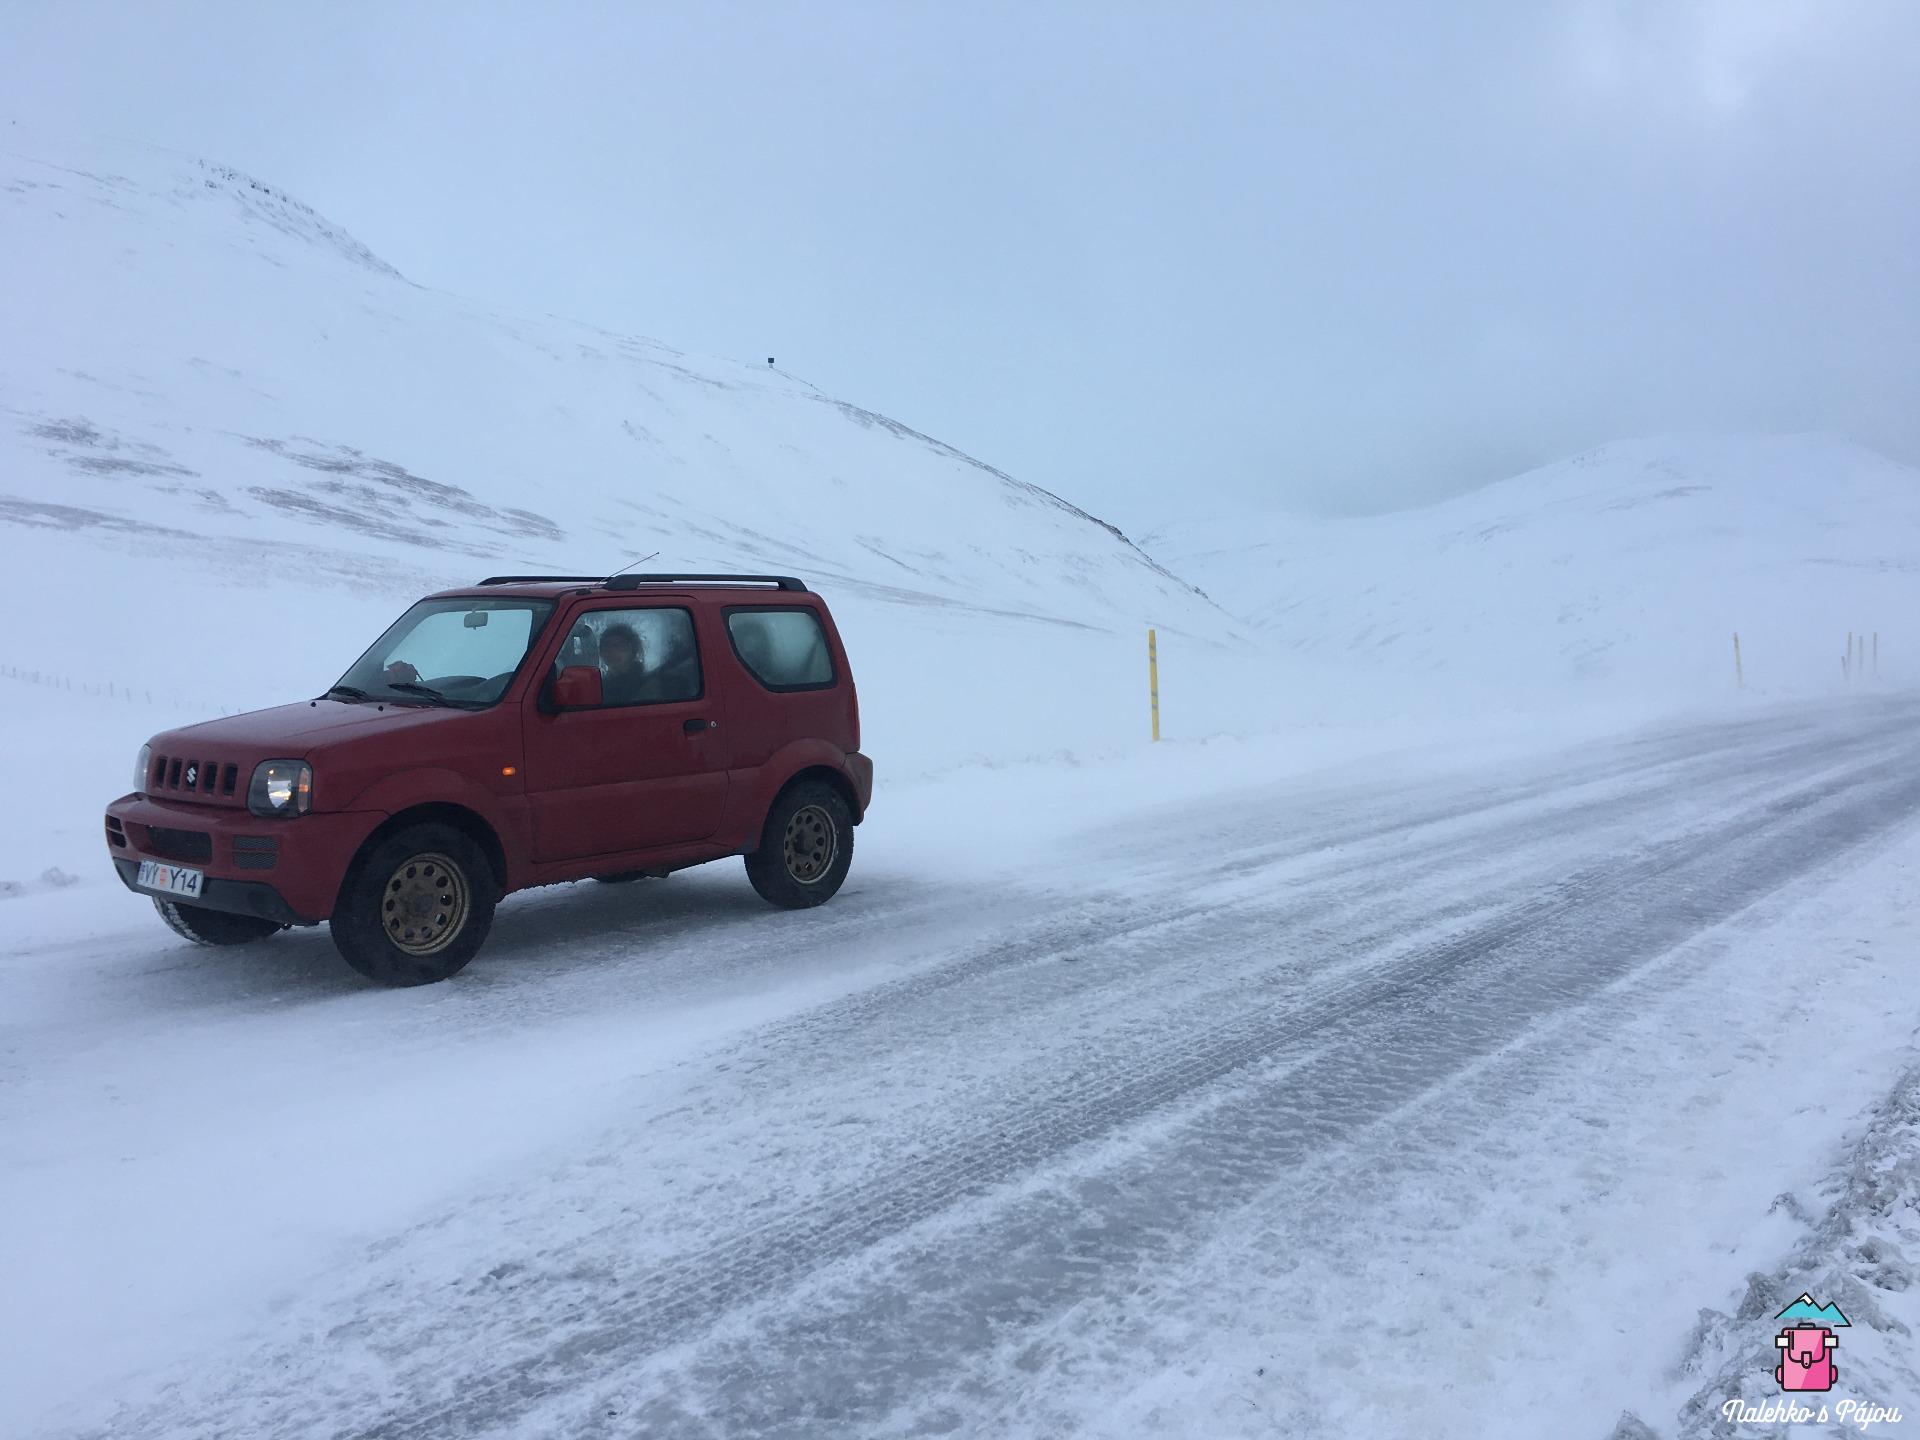 Začátek sněhové vánice - to jsem ještě dokázala vyjít ven z auta, zpátky už sem měla velké problémy se dostat!